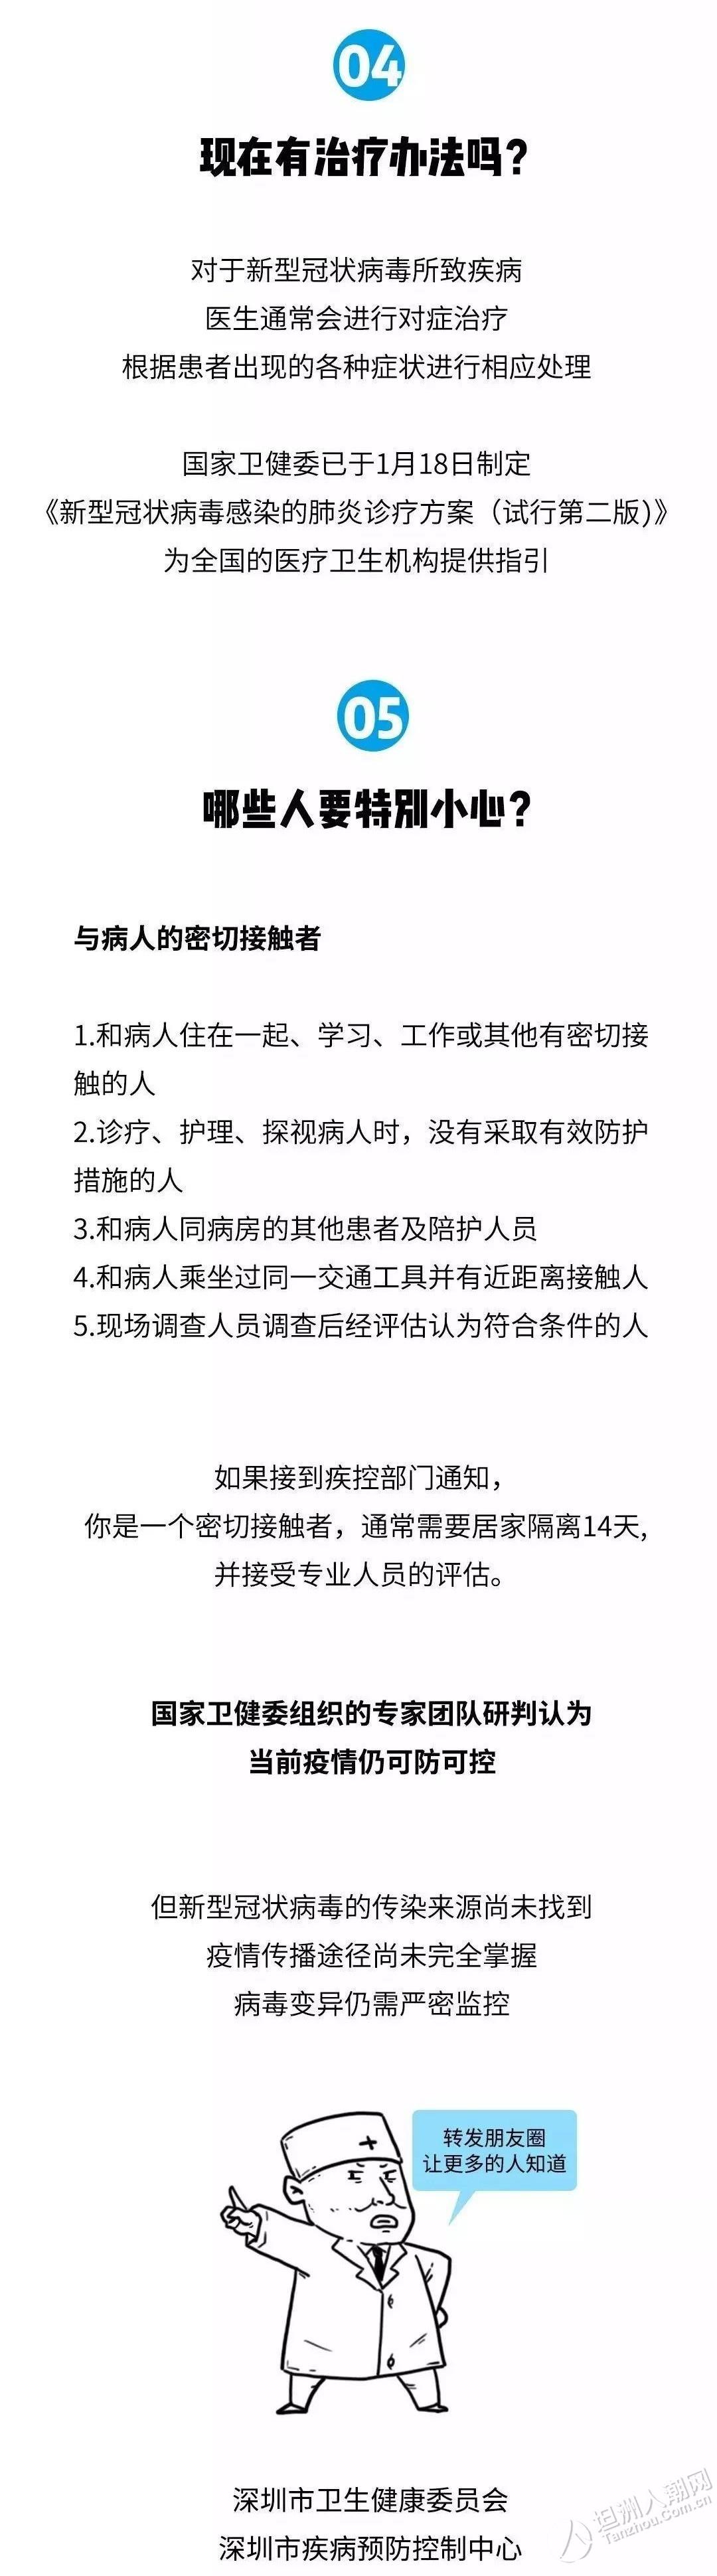 广东北京确诊出现的新型冠状病毒,究竟是个啥